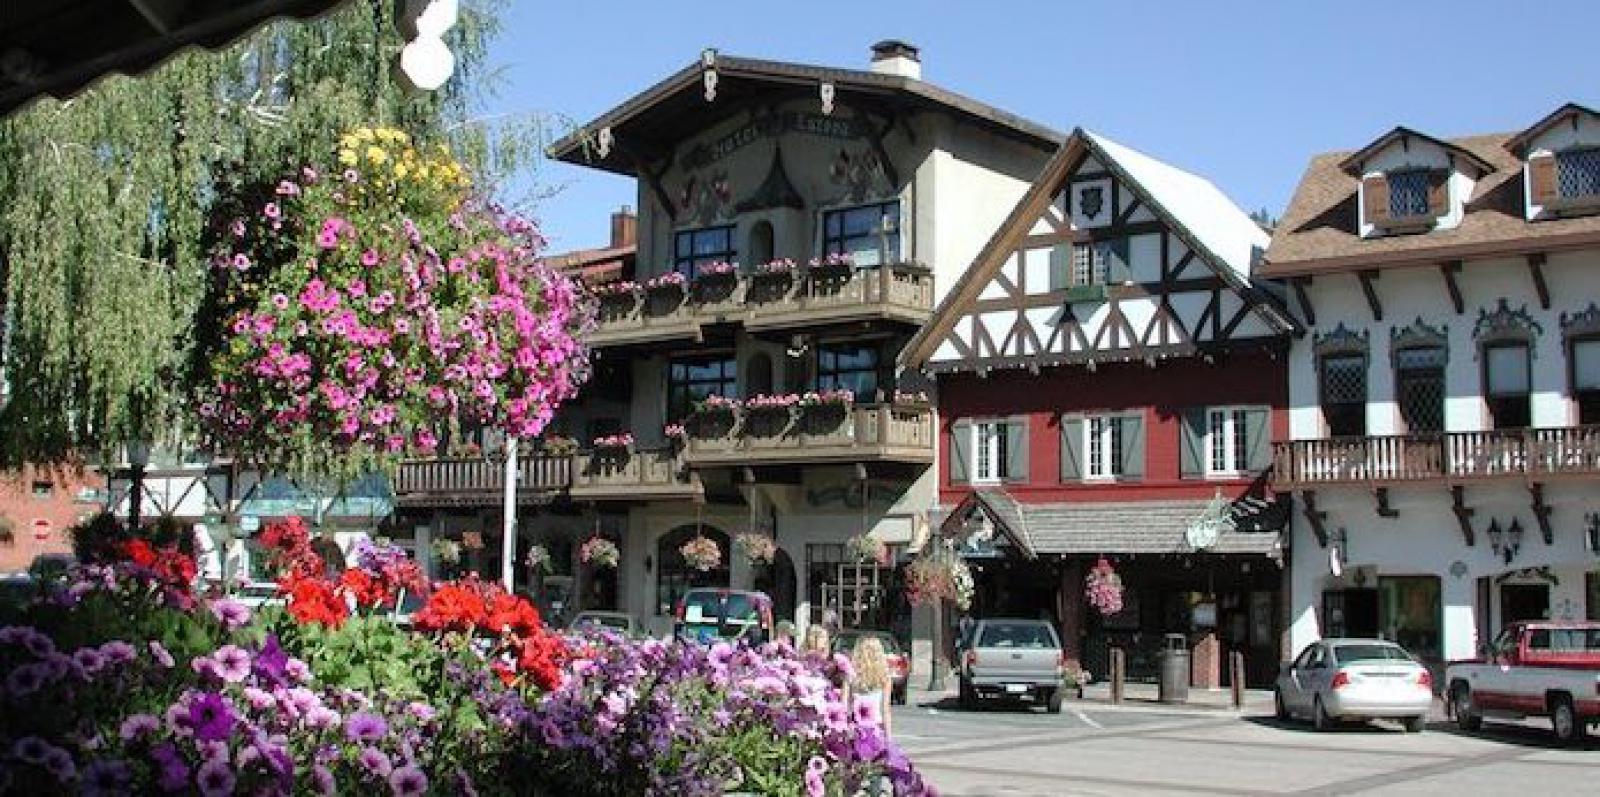 Downtown Leavenworth WA